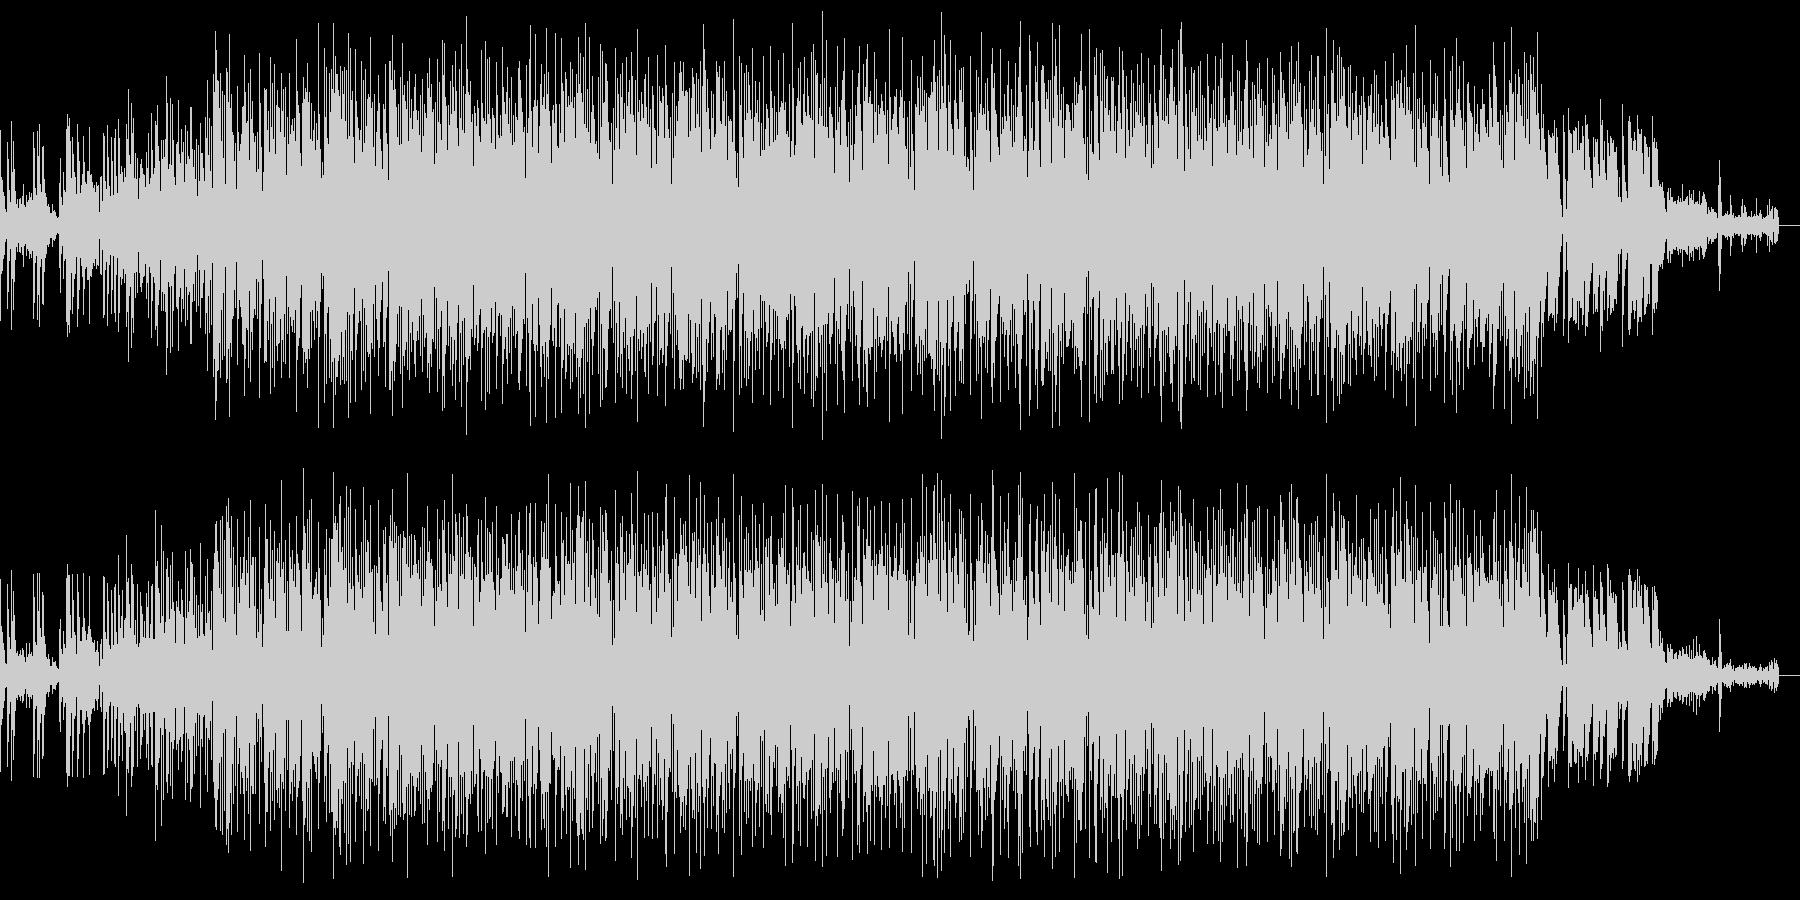 スタイリッシュなエレクトロ曲です。の未再生の波形